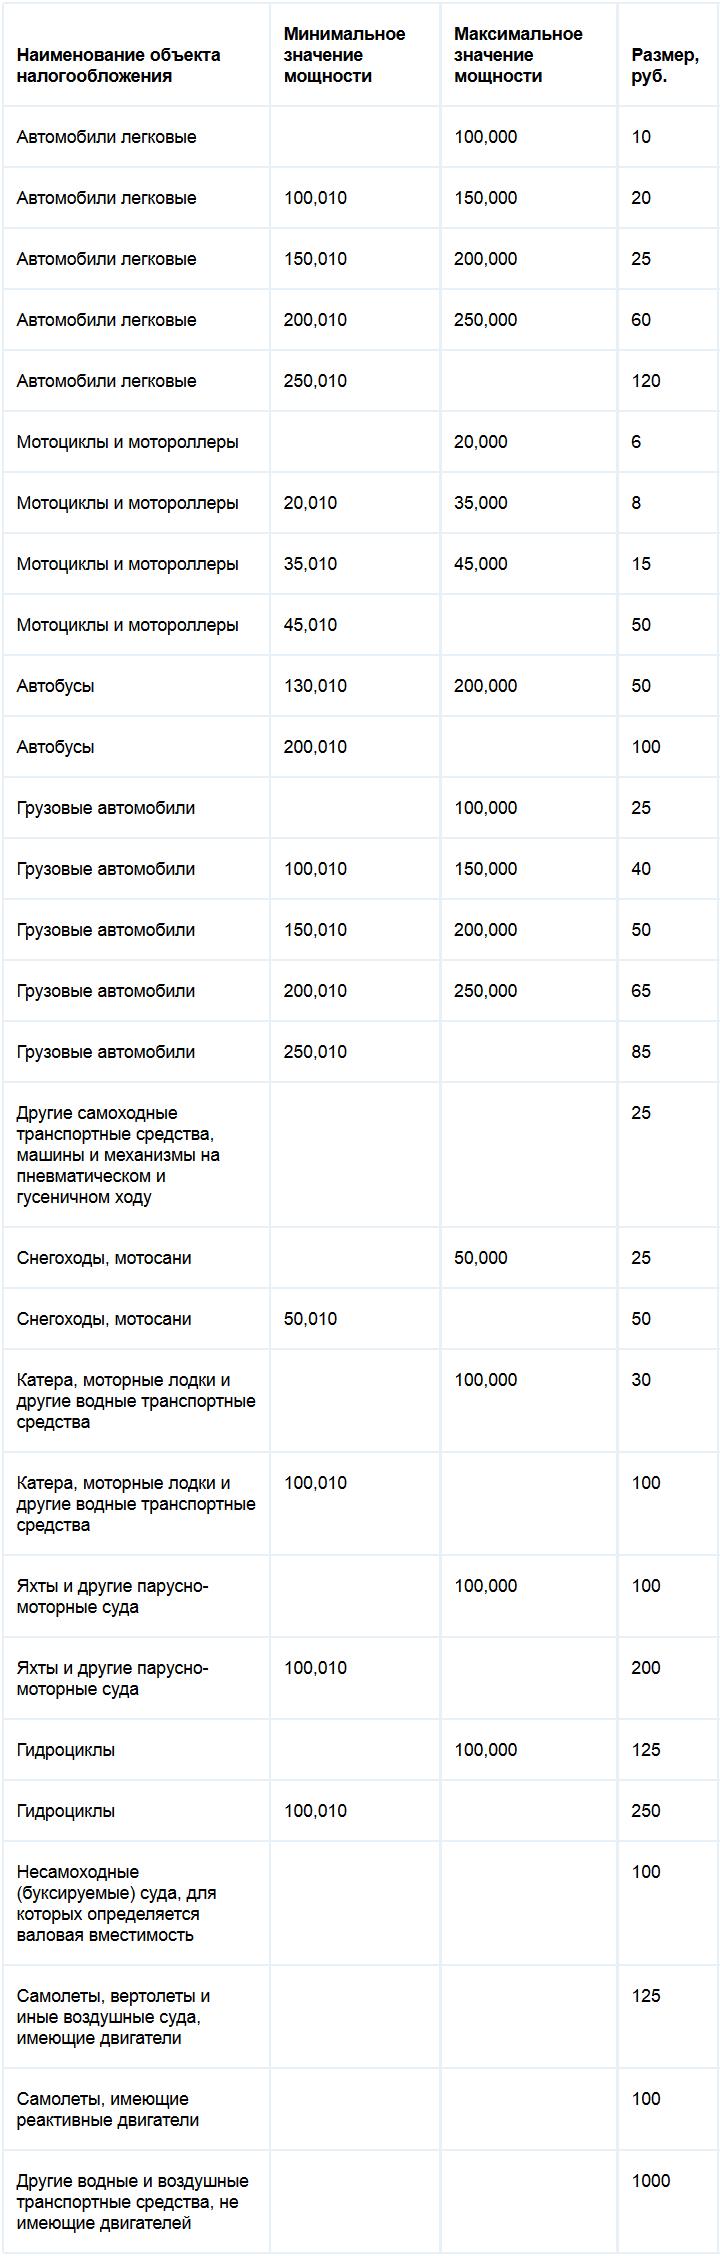 Ставки транспортного налога красноярского края на 2013 год прогнозы на ставки от профессионалов бесплатно